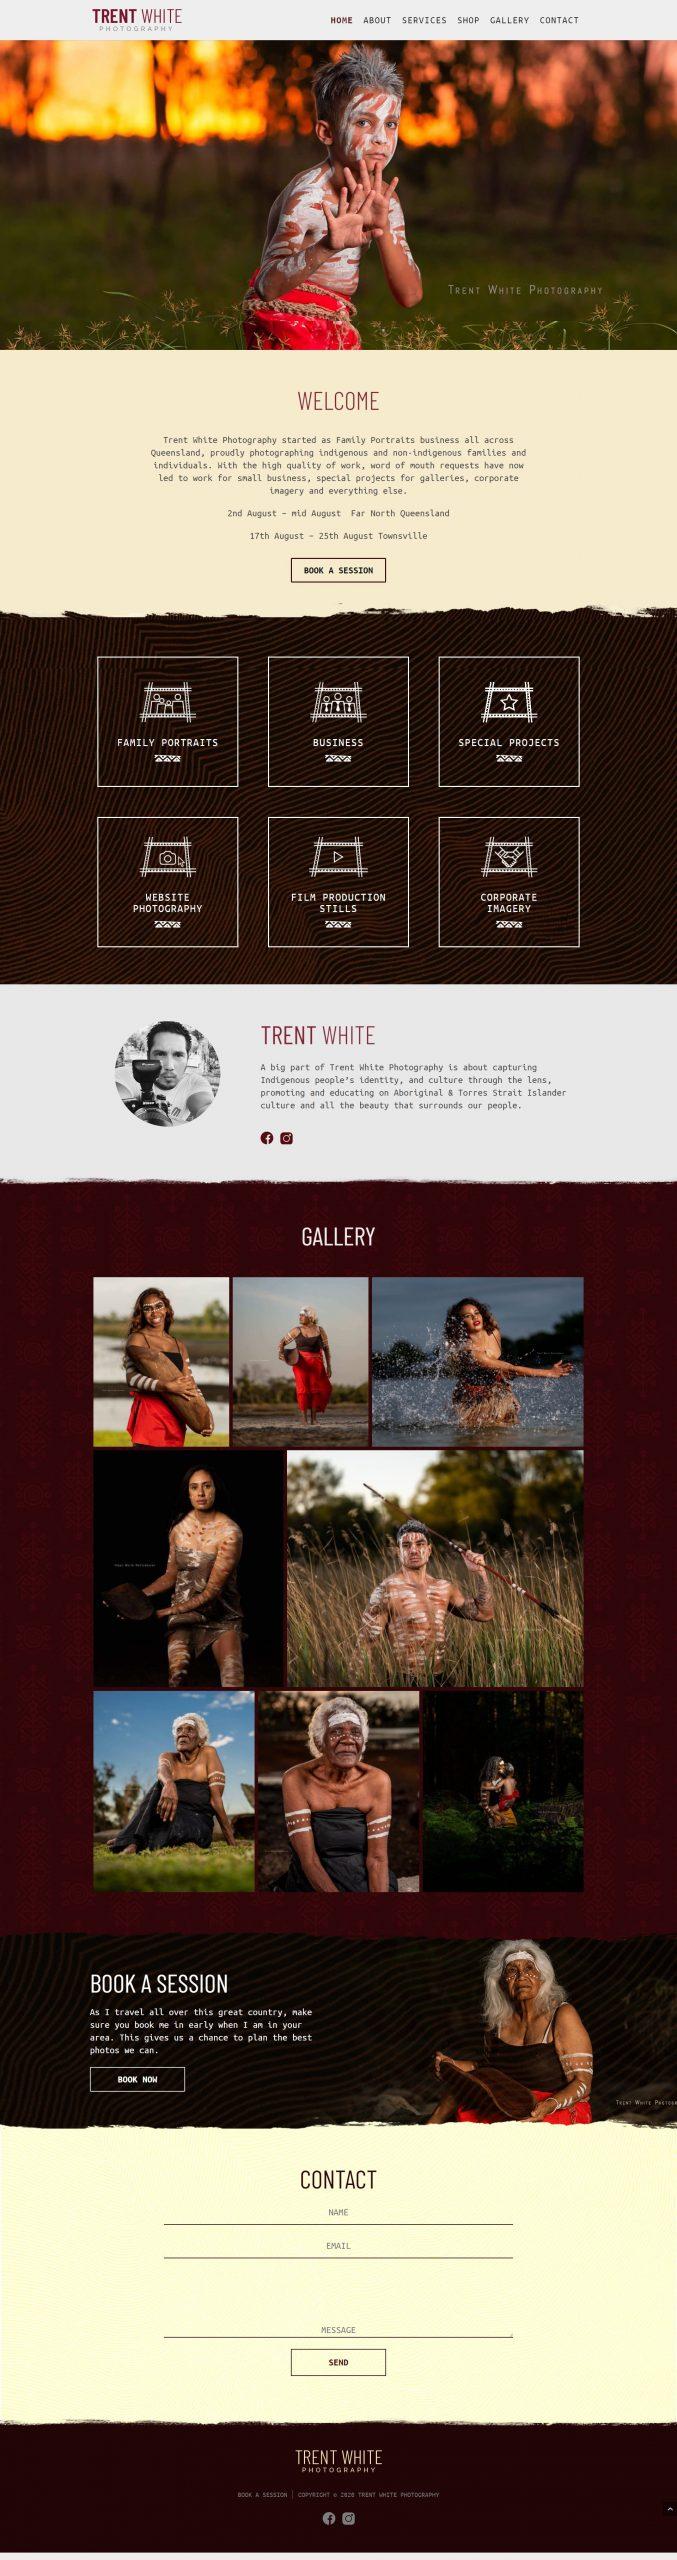 TrentWhite Homepage